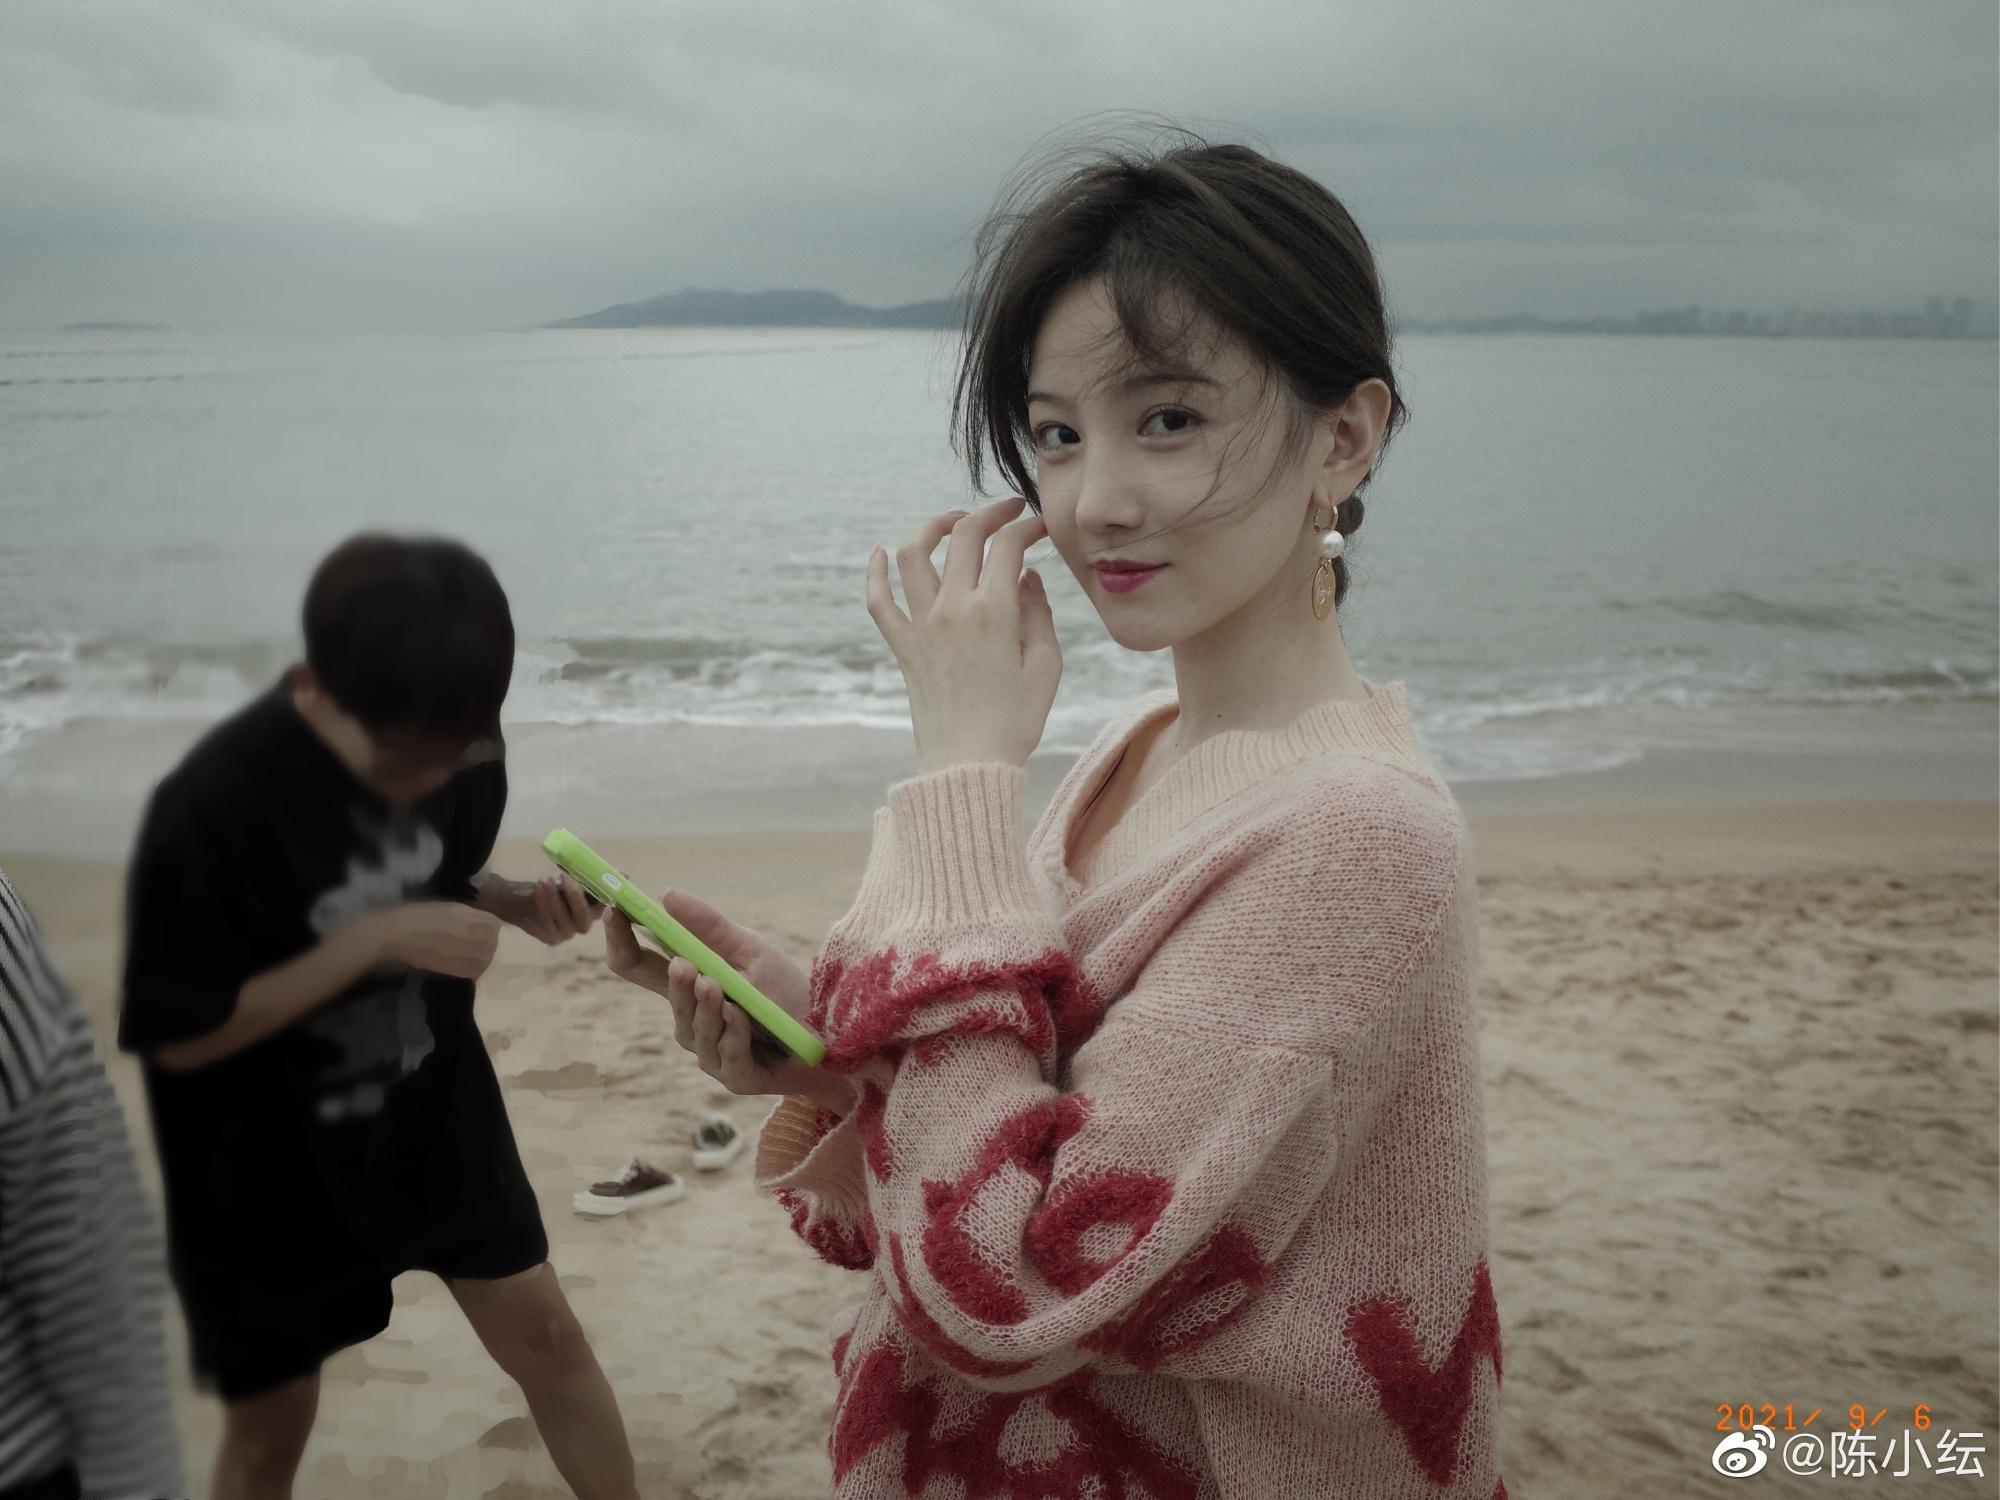 陳小紜穿斜肩毛衣在海邊拍寫真,畫風清涼顏值超高,網友:好漂亮-圖4